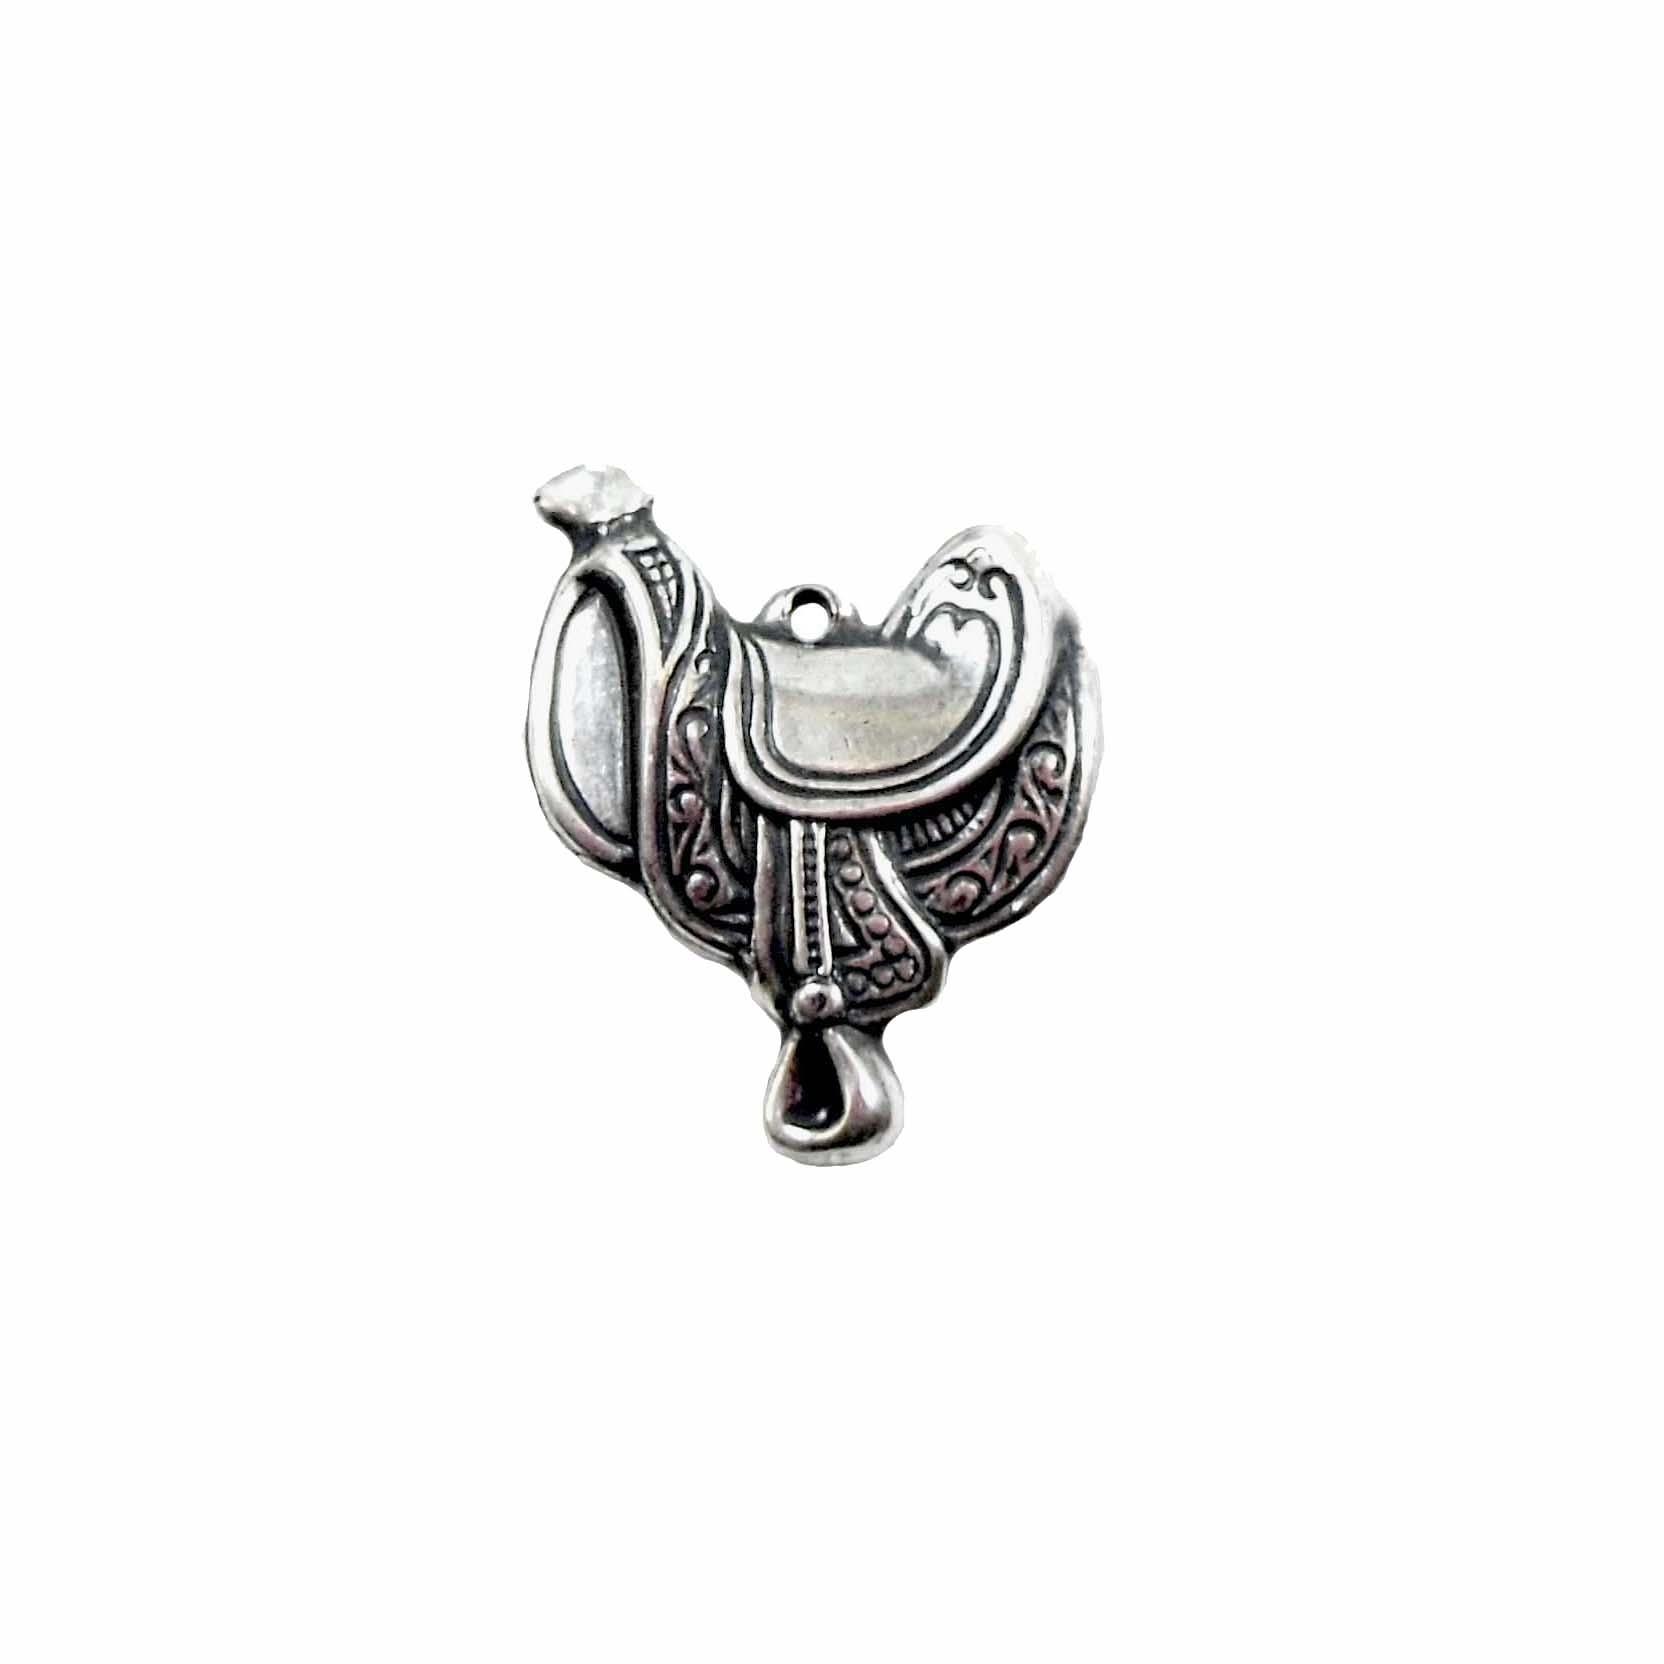 Saddle, Brass Saddle, Cowboy Jewelry, Jewelry Making, Silverware  Silverplate, 21 x 16mm